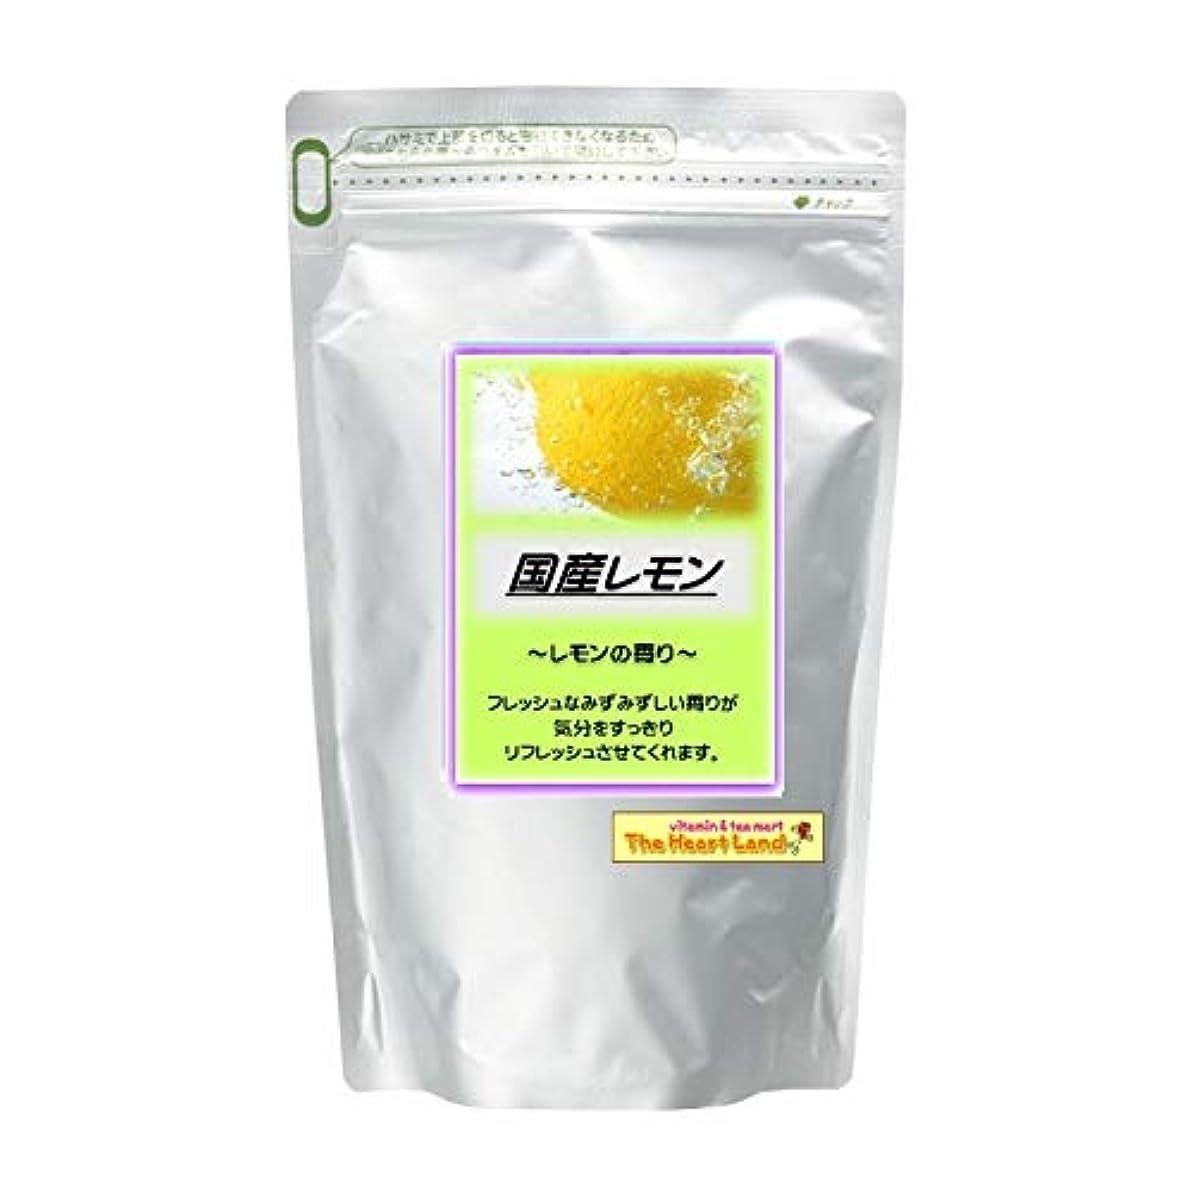 週末ニッケル偽善者アサヒ入浴剤 浴用入浴化粧品 国産レモン 300g